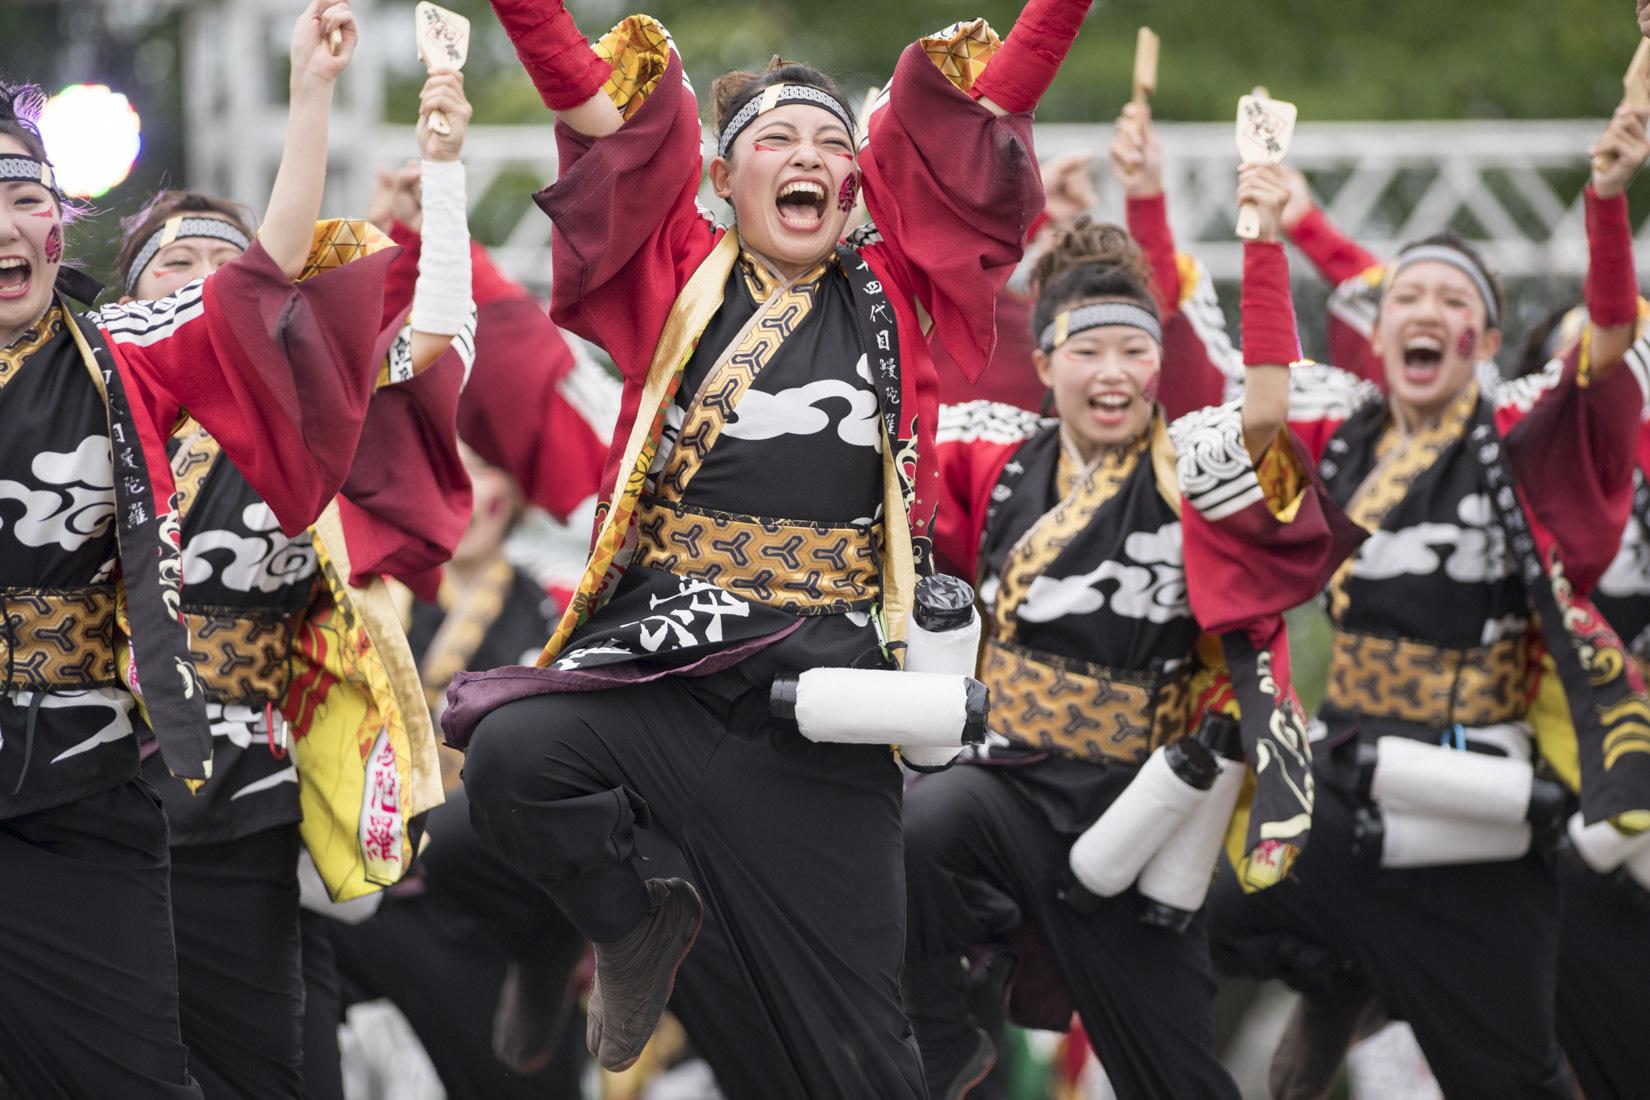 2019 犬山踊芸祭『浜松学生連 鰻陀羅』_f0184198_00130462.jpg